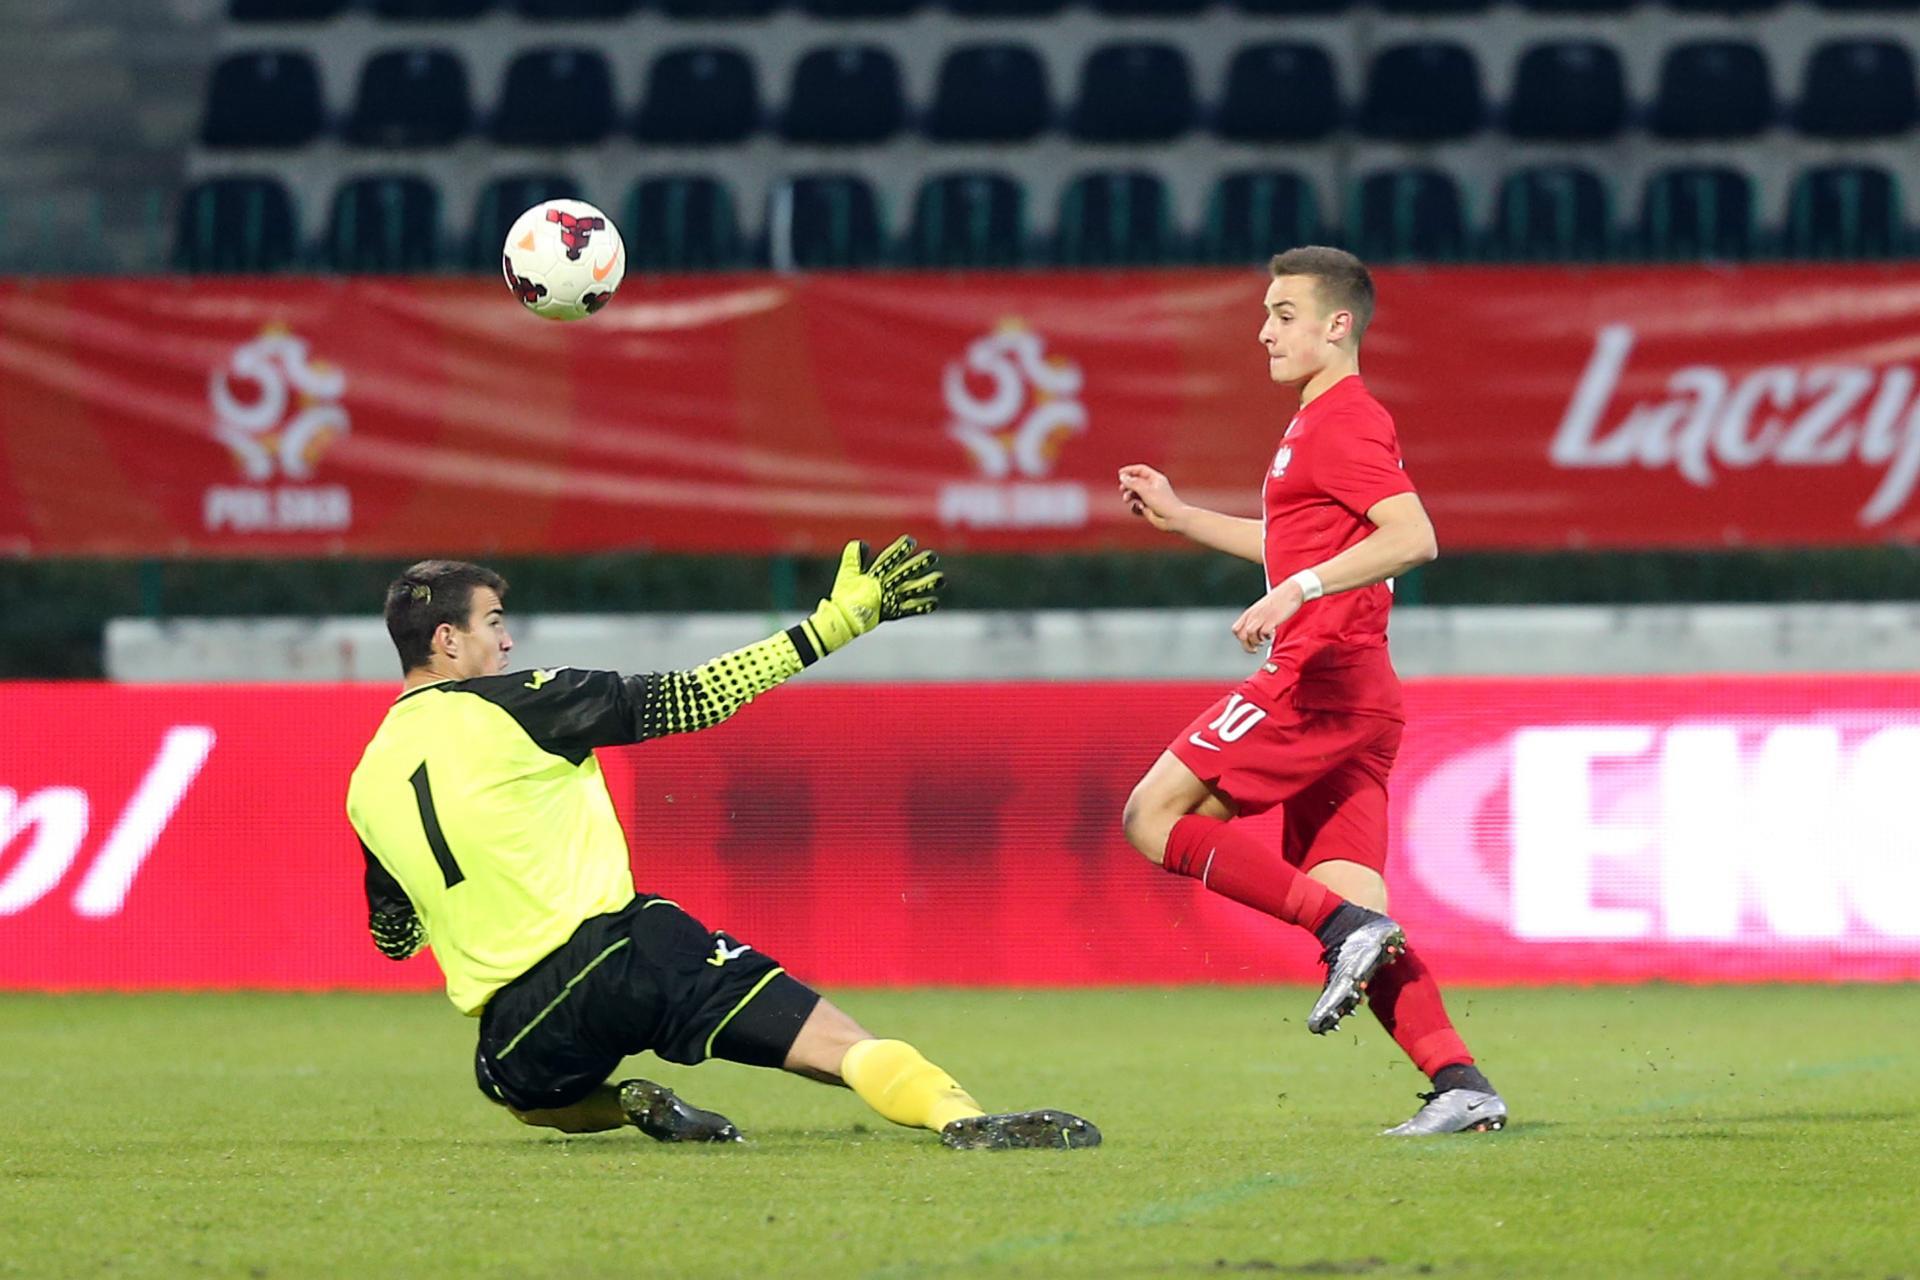 David Kopacz podczas meczu Polska - Czarnogóra 2:0 U-17 (28.03.2016).